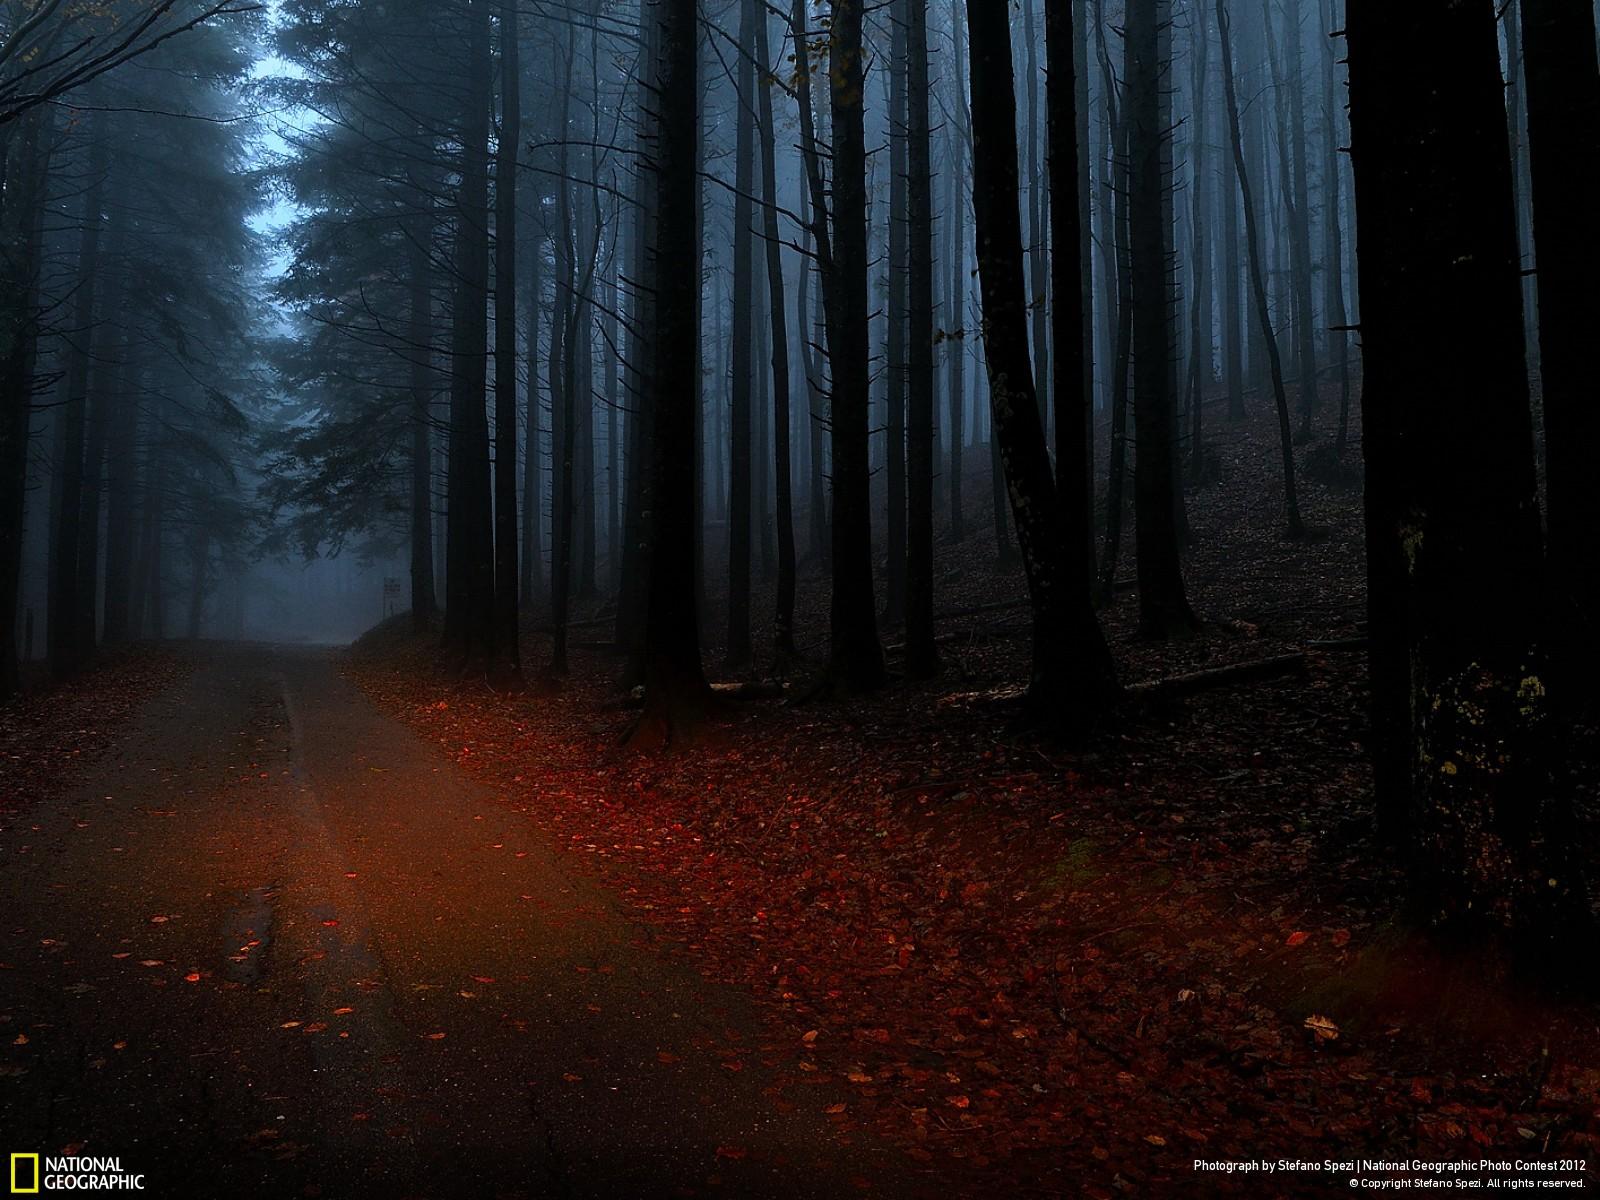 10 Лучшие фотографии за 2012 год по версии National Geographic